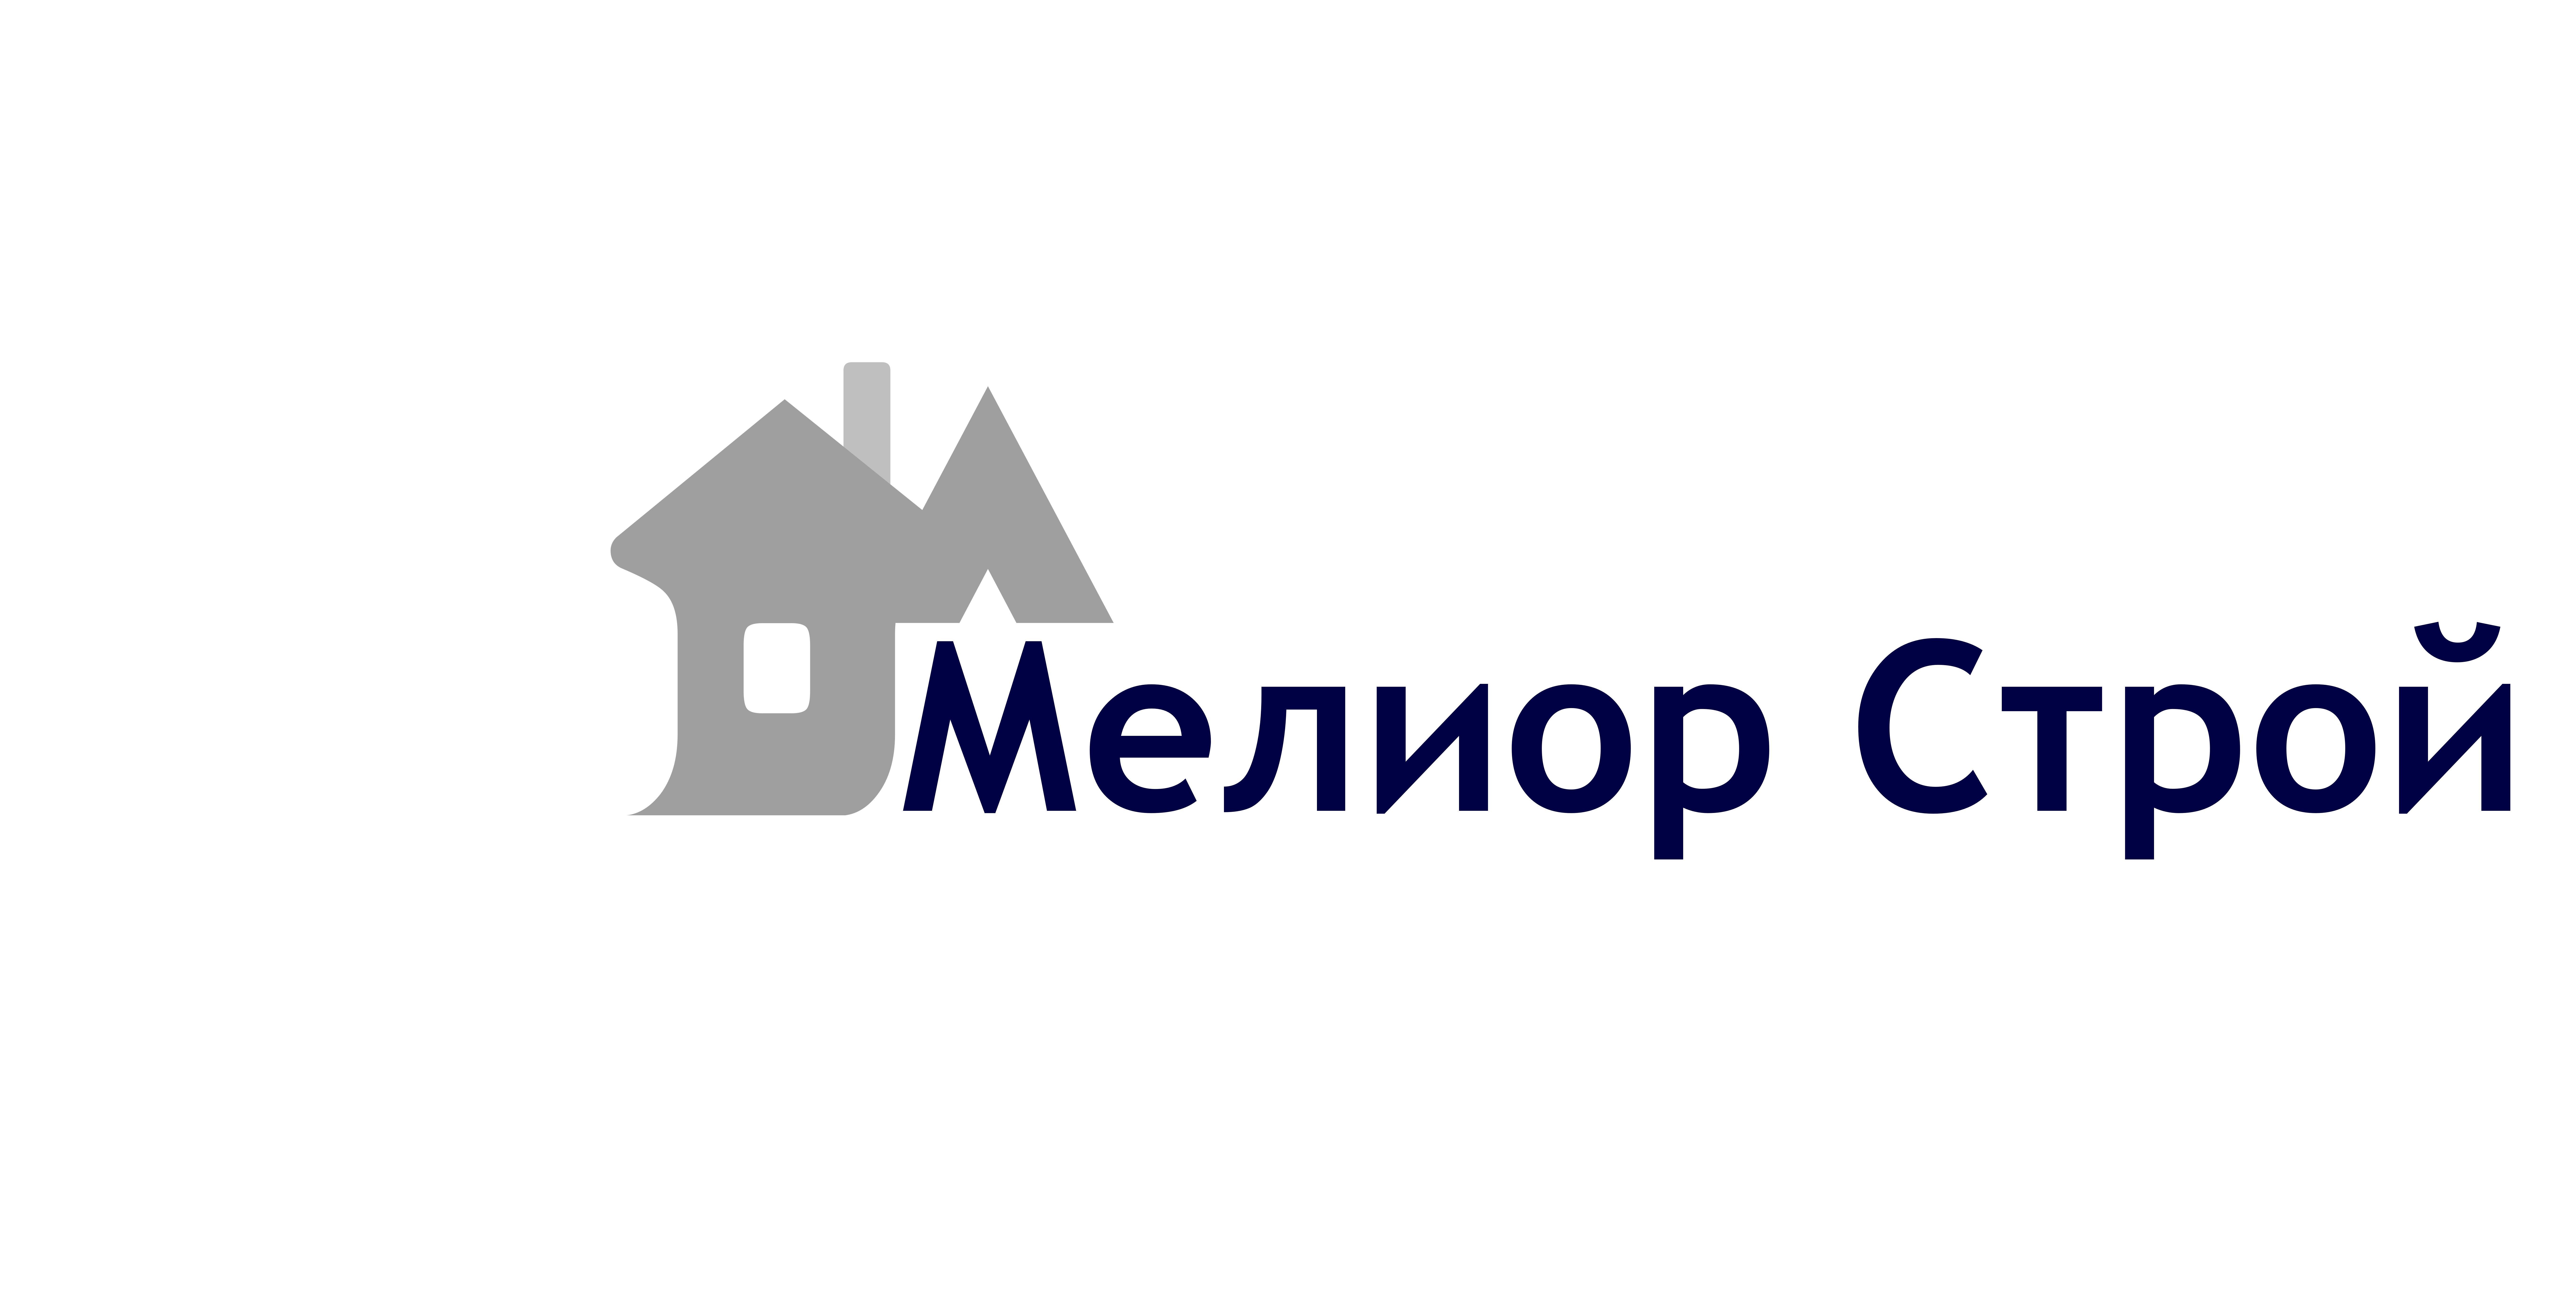 Фирменный стиль для Мелиор Строй - дизайнер design03